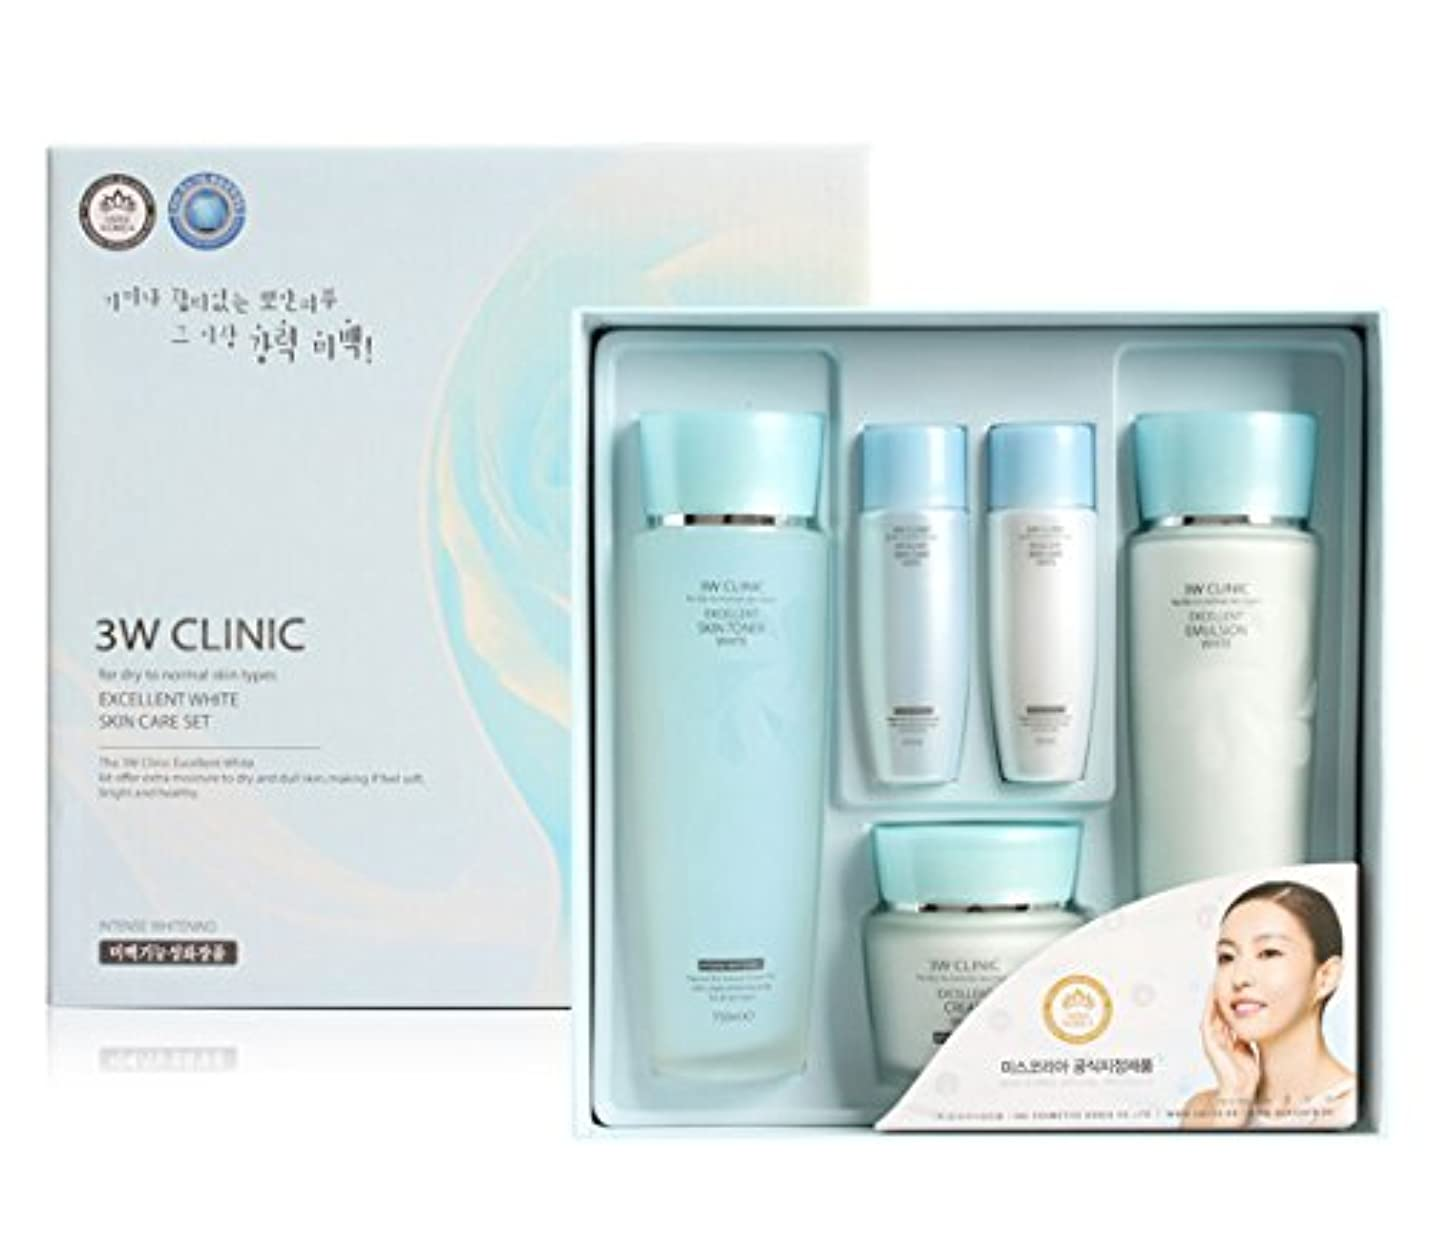 子猫決めます牧草地3Wクリニック[韓国コスメ3w Clinic]Excellent White Skin Care set エクセレントホワイトスキンケア3セット,樹液,乳液,クリーム [並行輸入品]